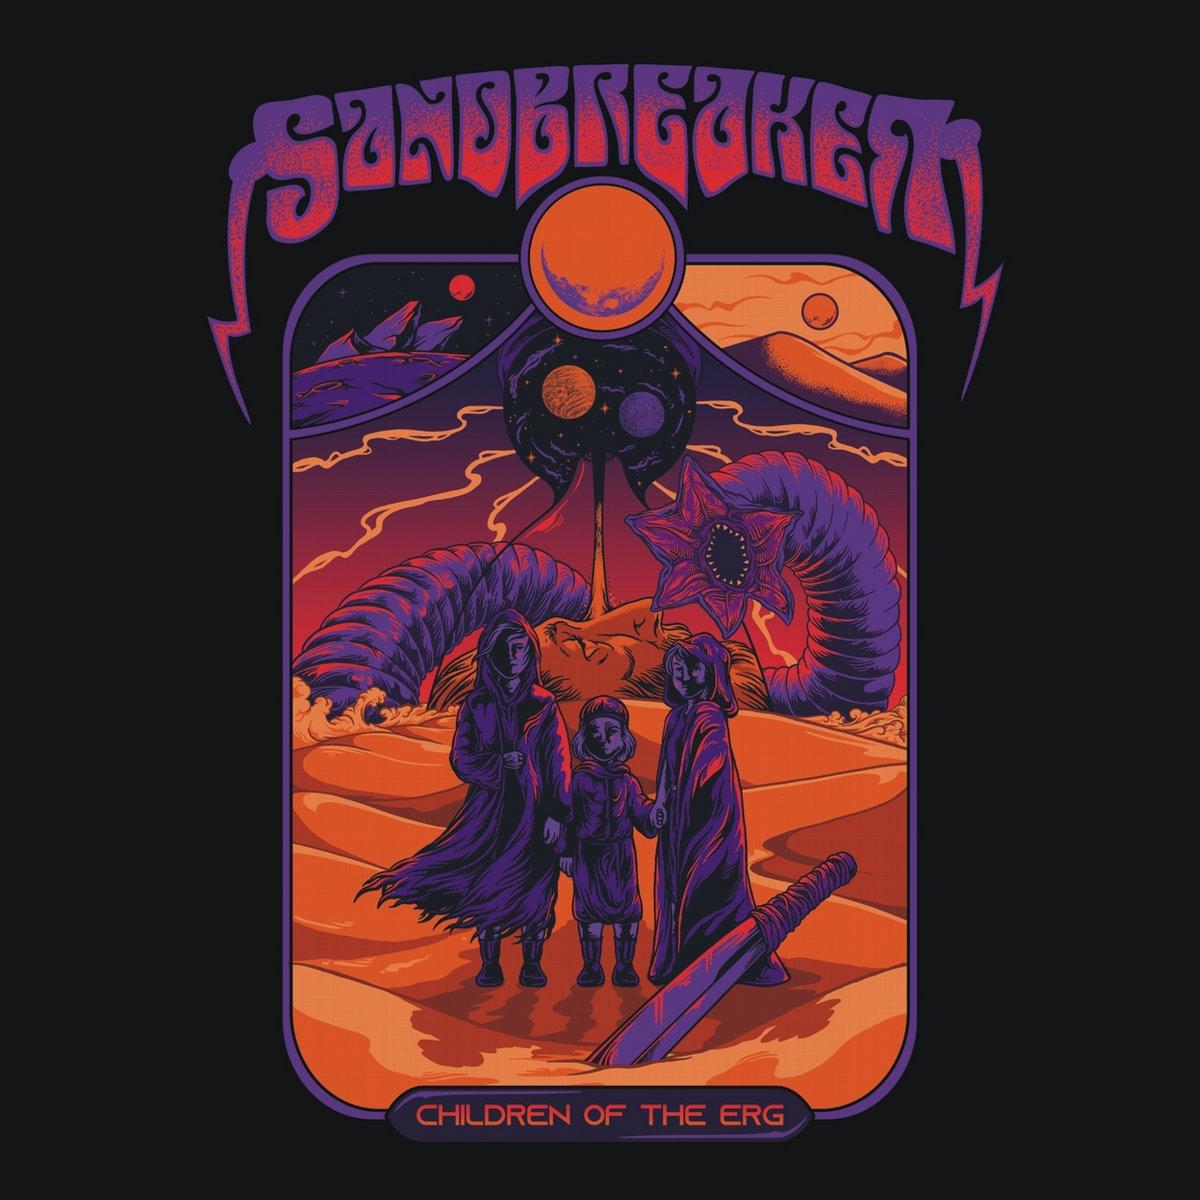 Sandbreaker - Children of the Erg